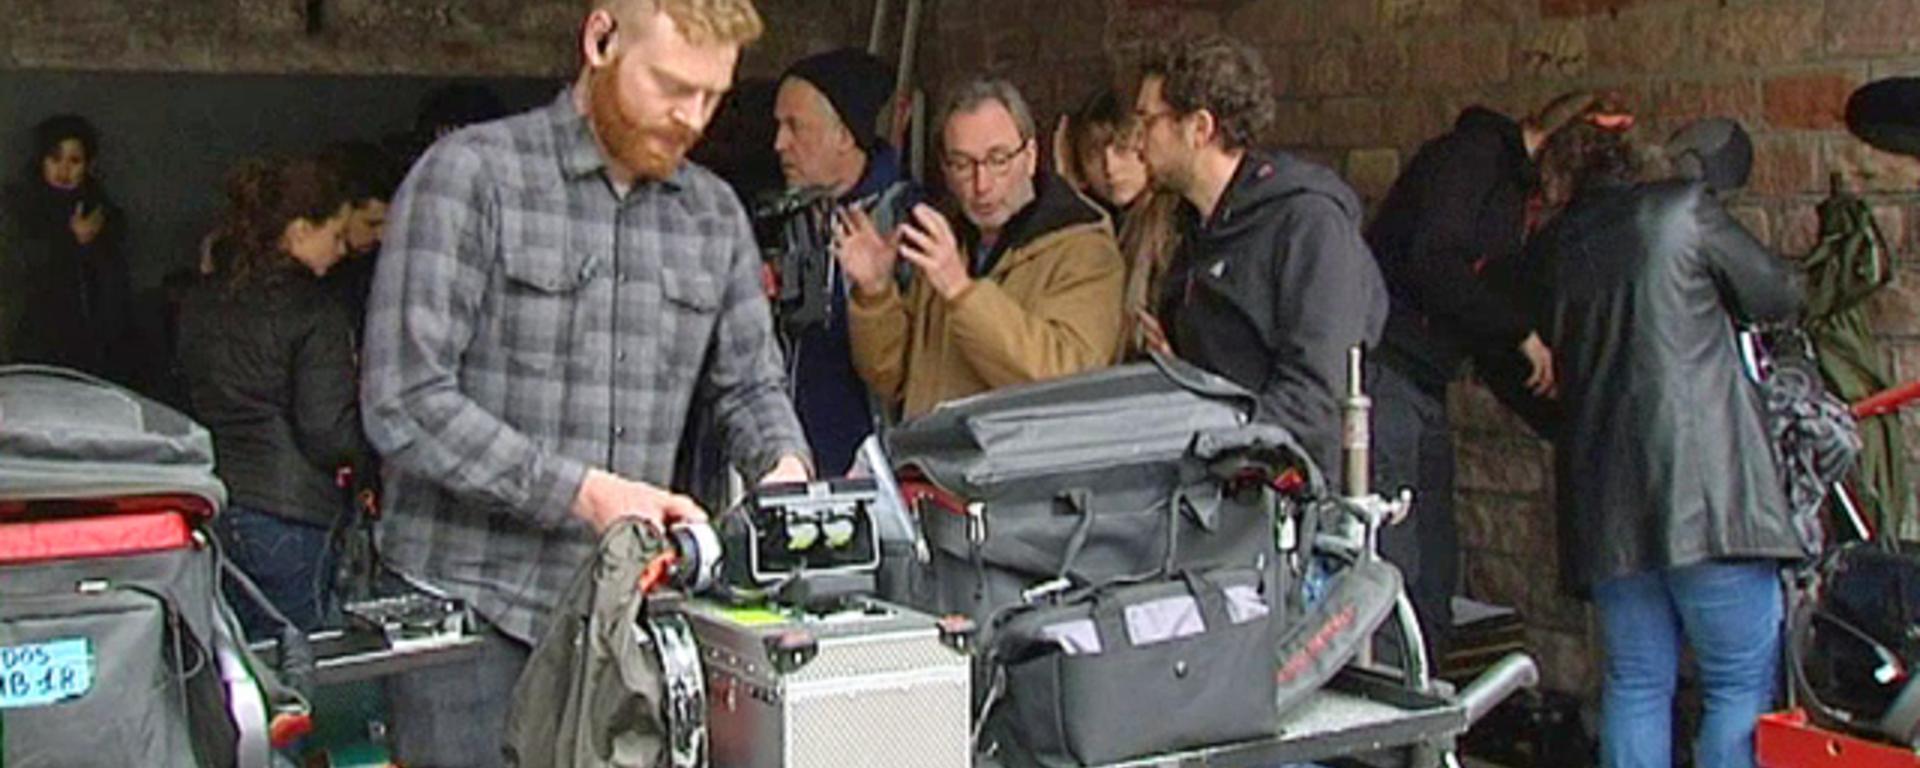 Aux Animaux, la guerre - Tournage film Vosges - Cinéma Vosges